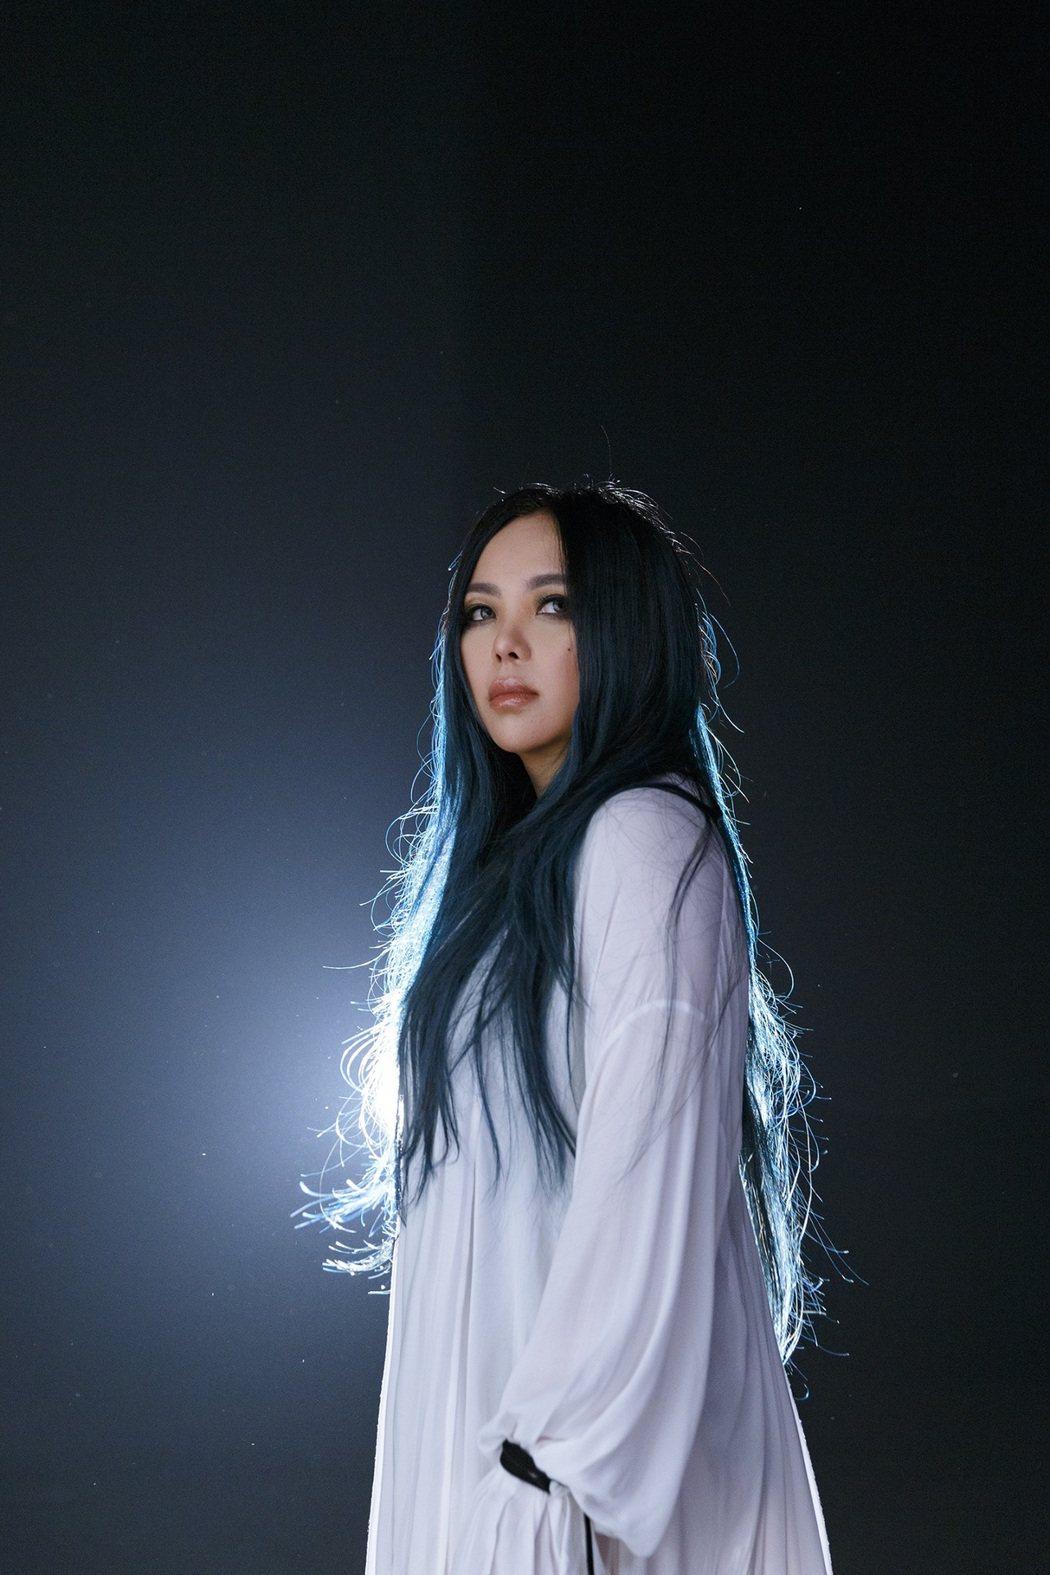 張惠妹新歌「身後」相當催淚。圖/EMI提供